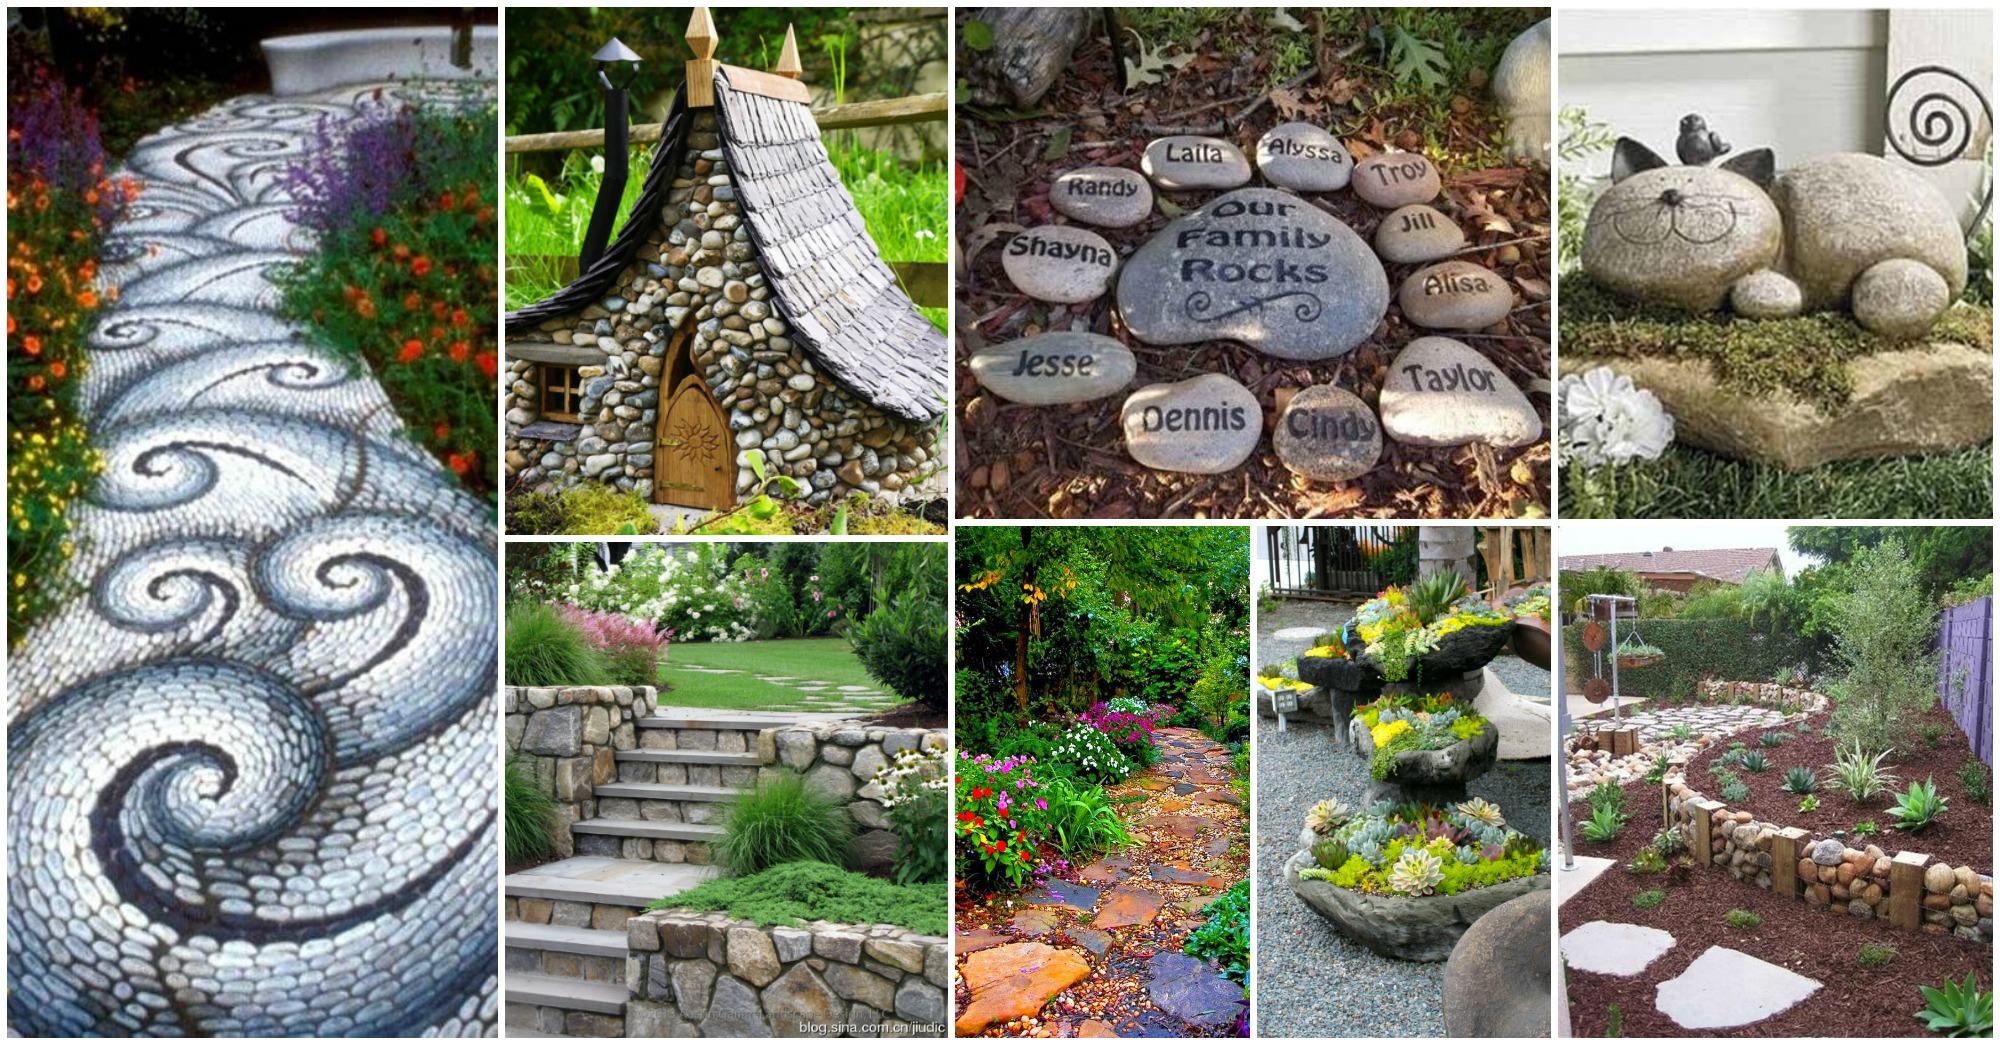 15 ideas fabulosas para decorar tu jard n con piedras for Ideas para armar un jardin